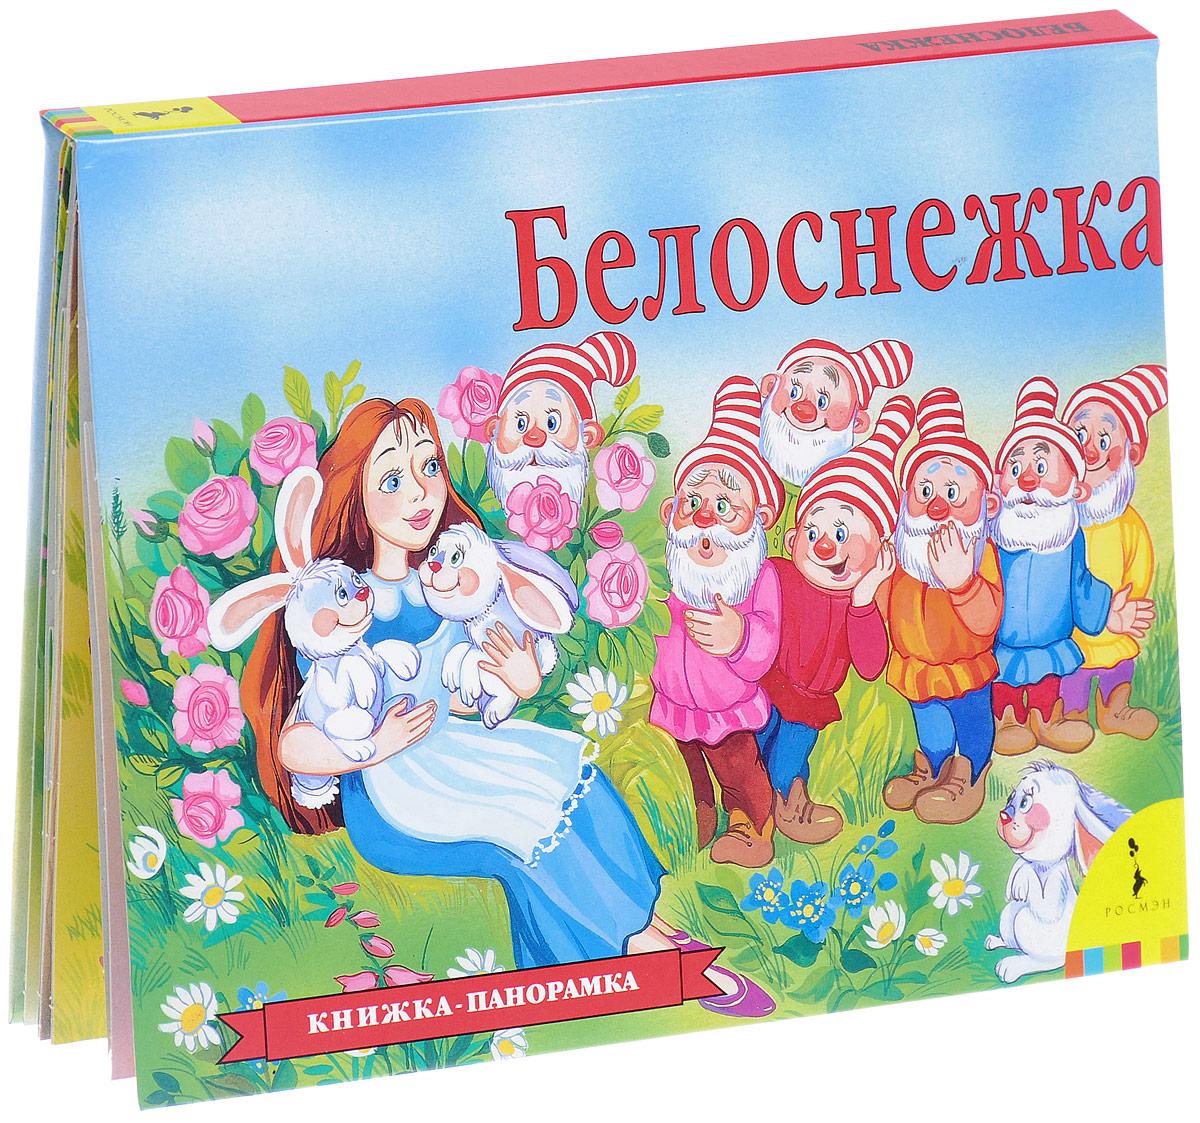 Братья Гримм Белоснежка. Книжка-панорамка